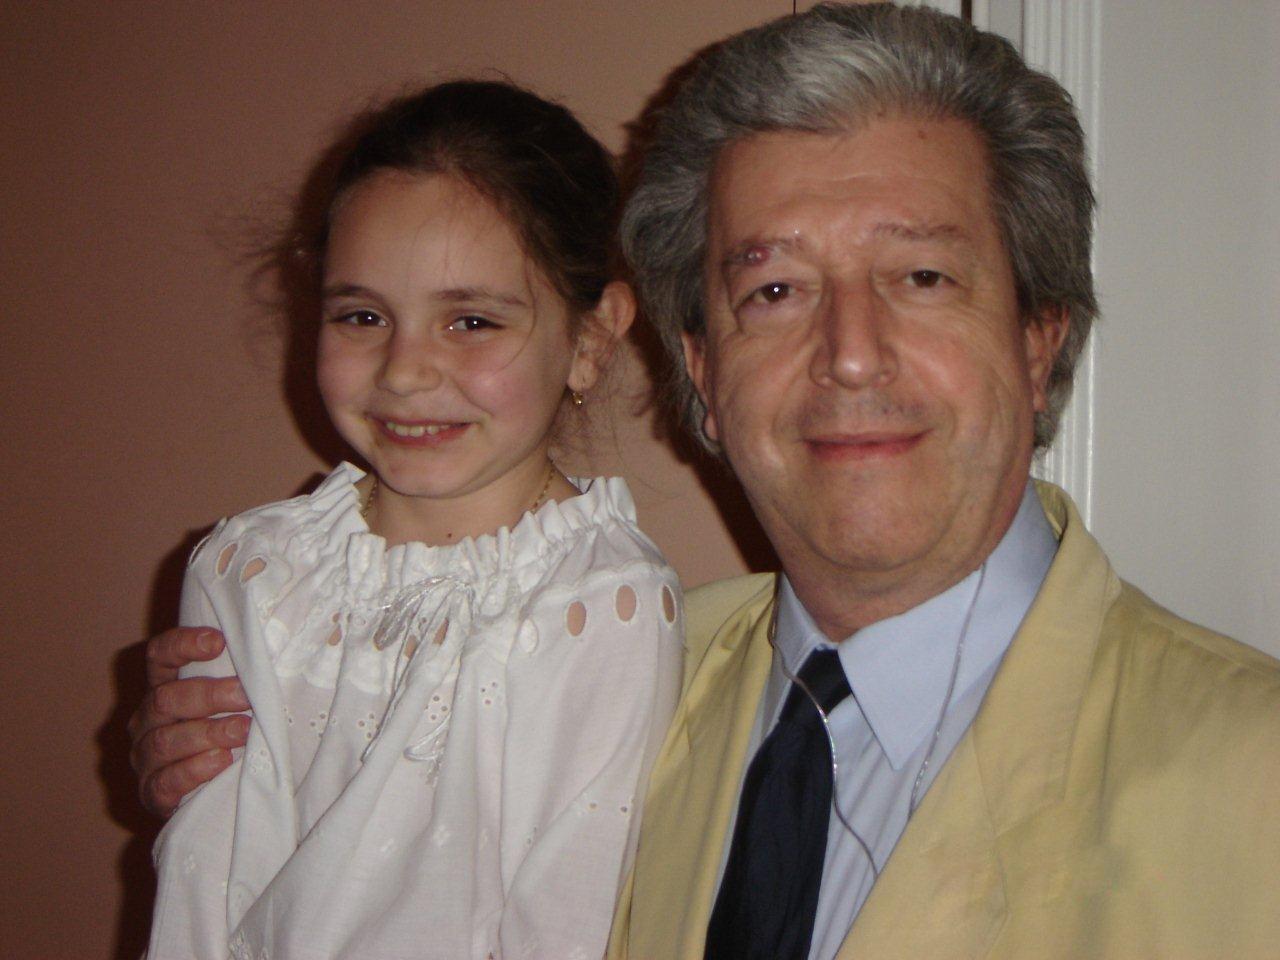 cu profesorul meu - Prof.Univ.Dr. Şerban Dimitrie Soreanu, Palermo 2005